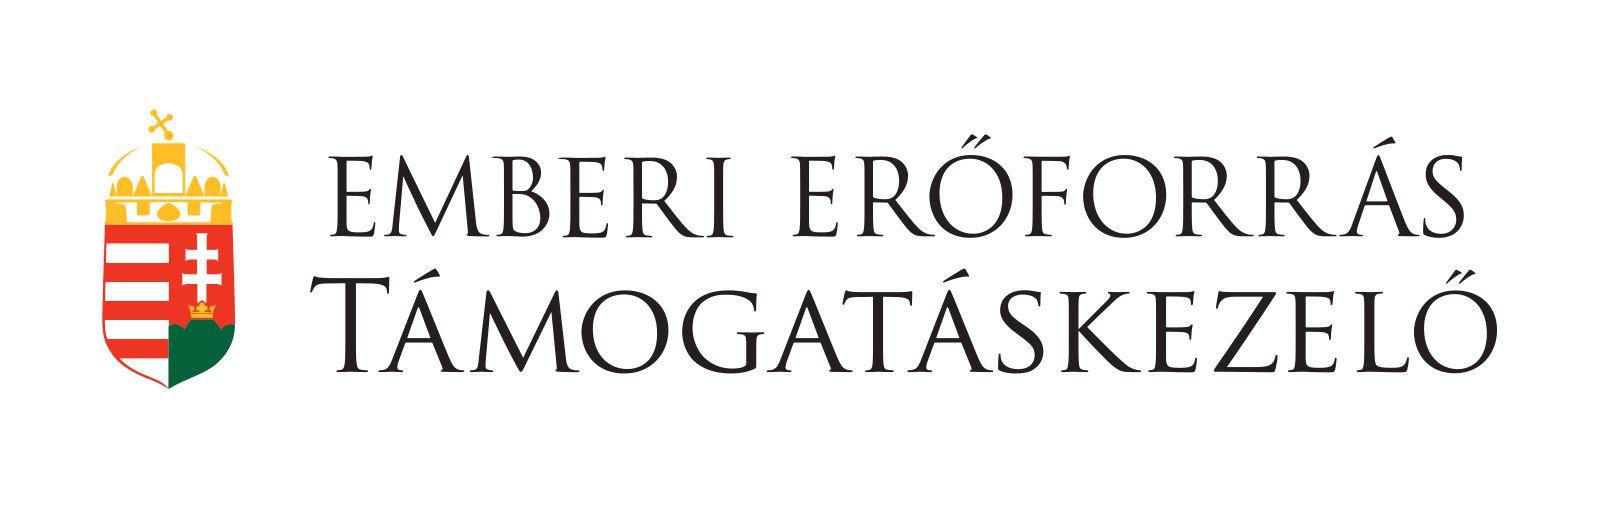 Emberi erőforrás támogatáskezelő logo